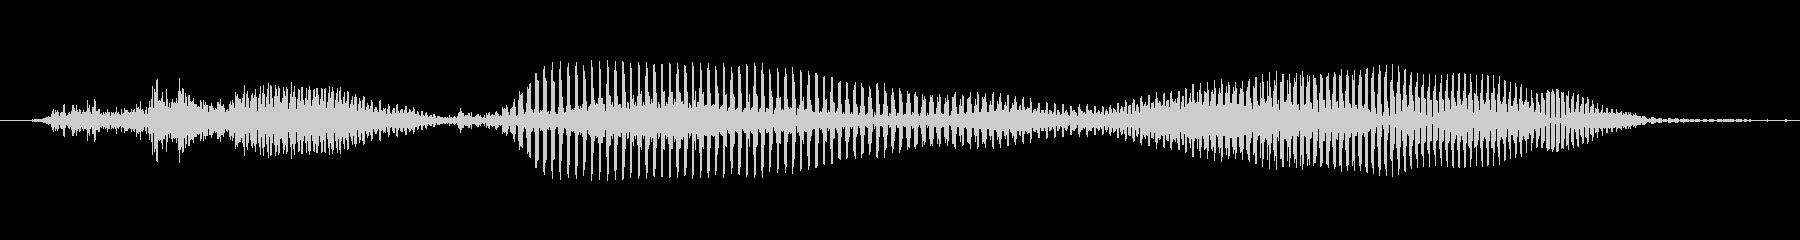 ちがうよの未再生の波形